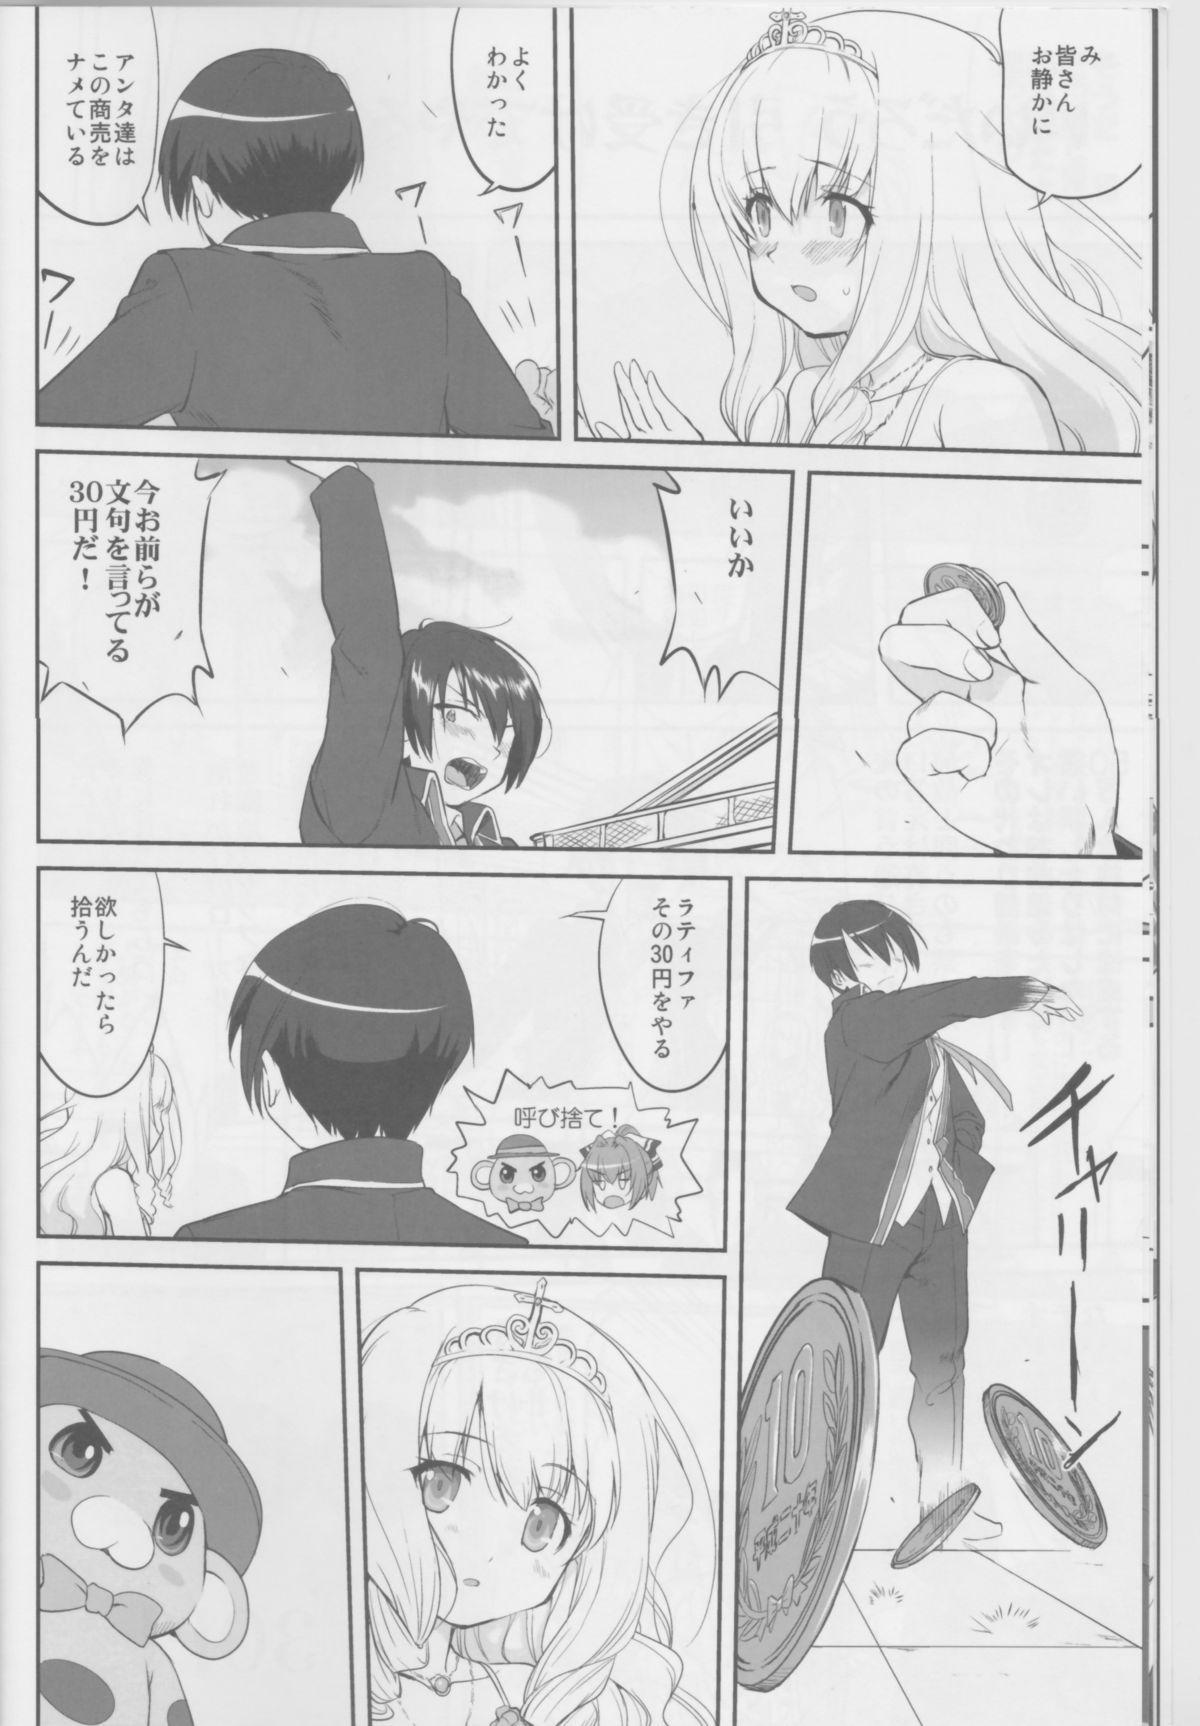 Amagi Strip Gekijou 10